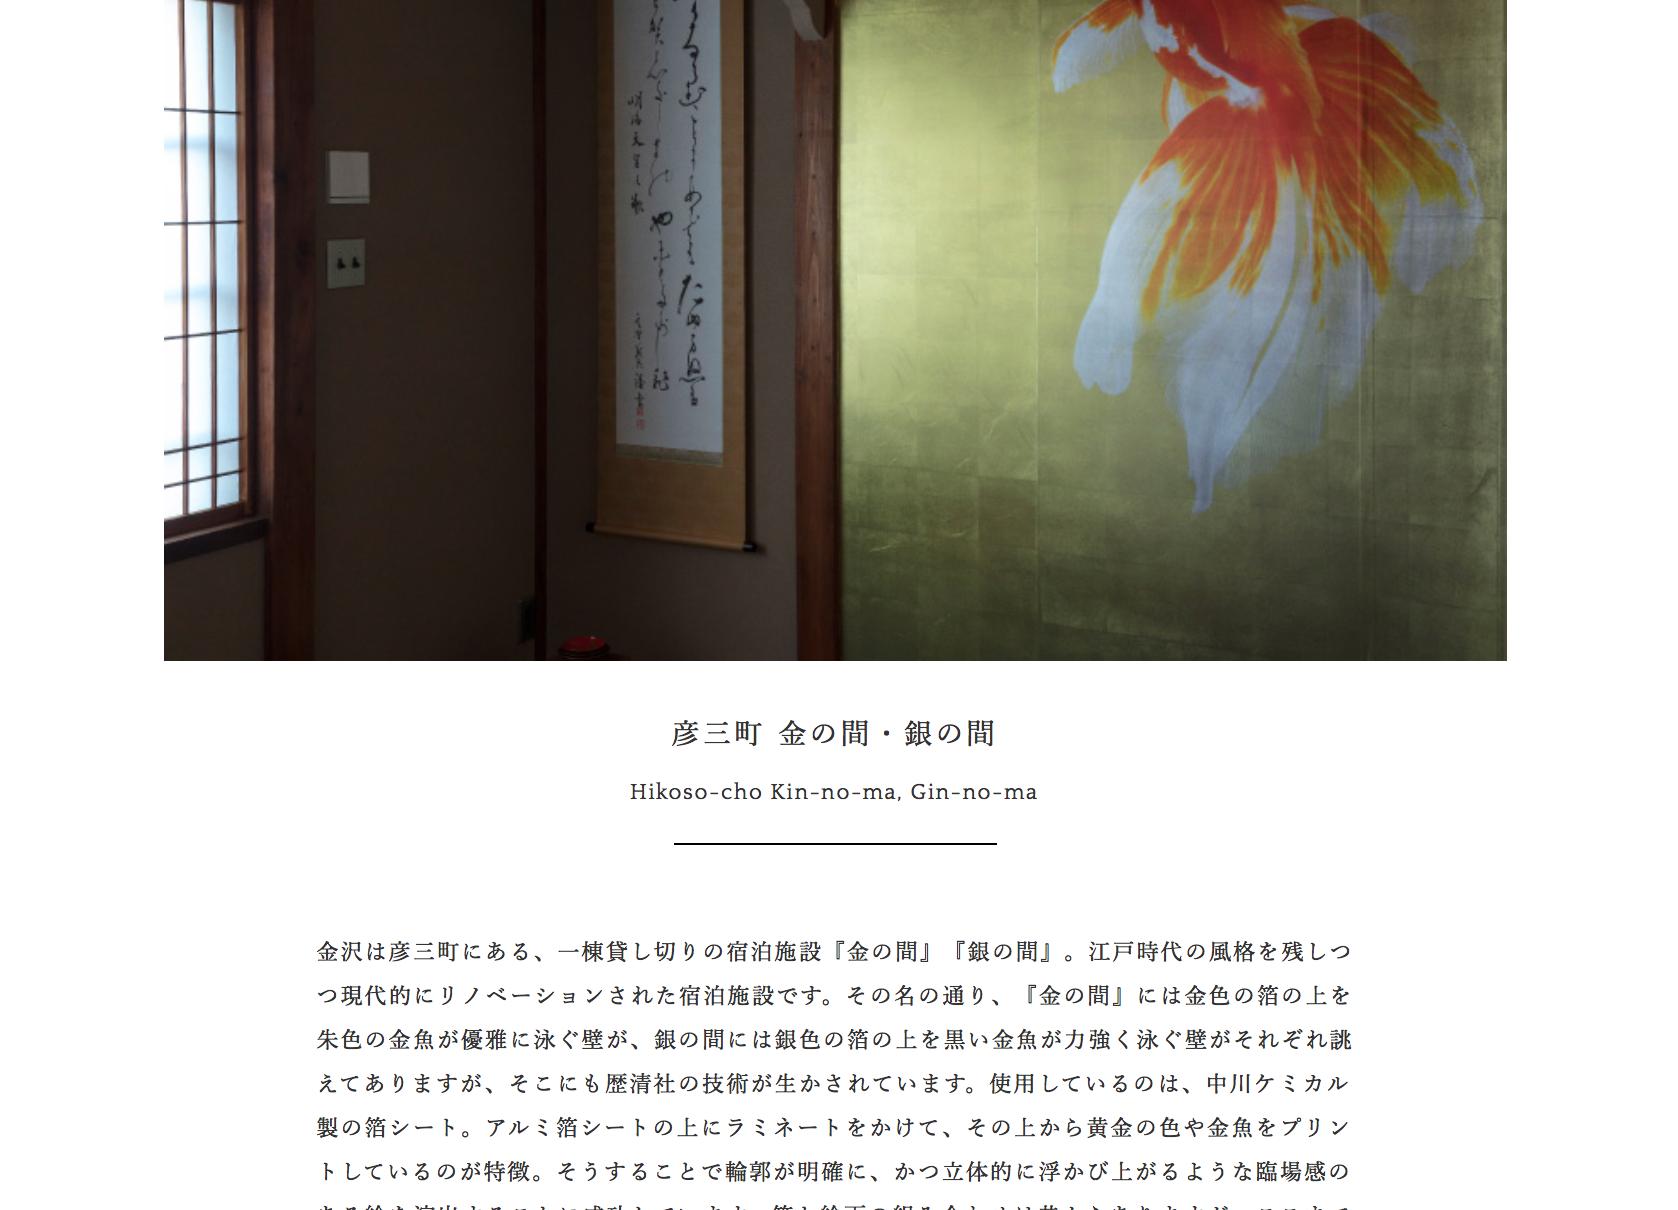 広島にある100年以上続く金箔の会社 歴清社